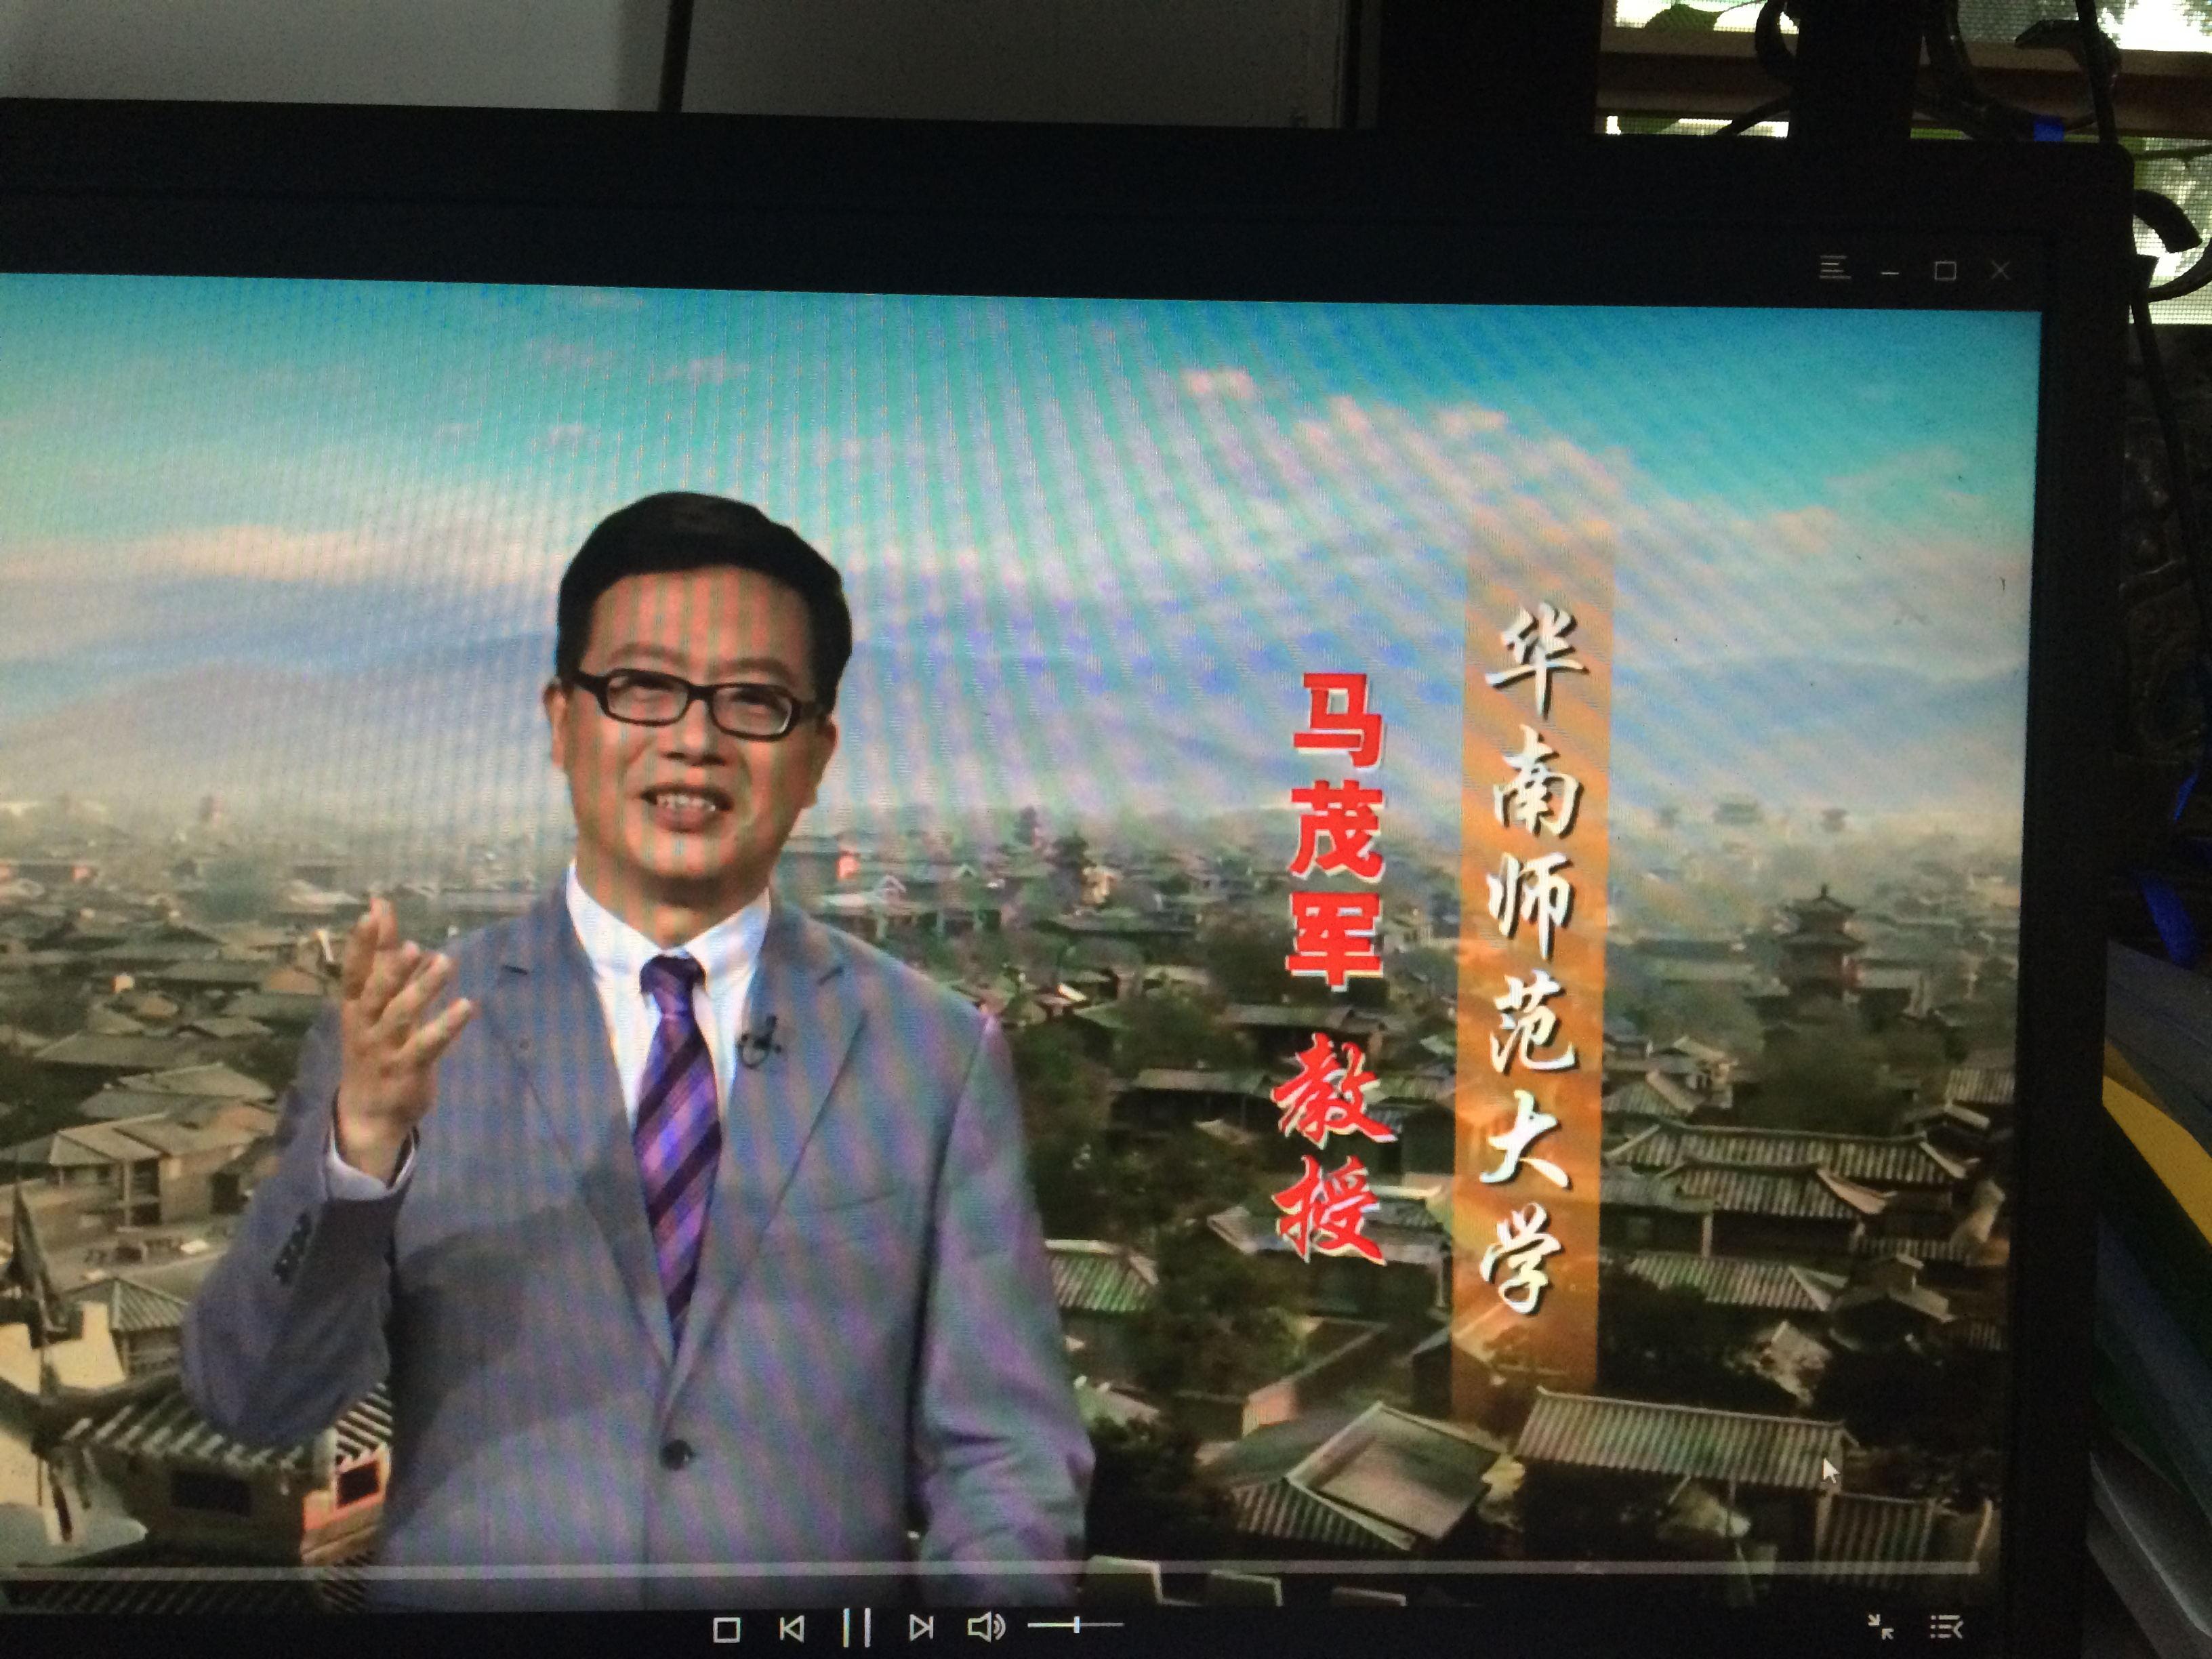 文学院马茂军教授将做客中央电视台《百家讲坛》主讲10集《大宋名相赵普》